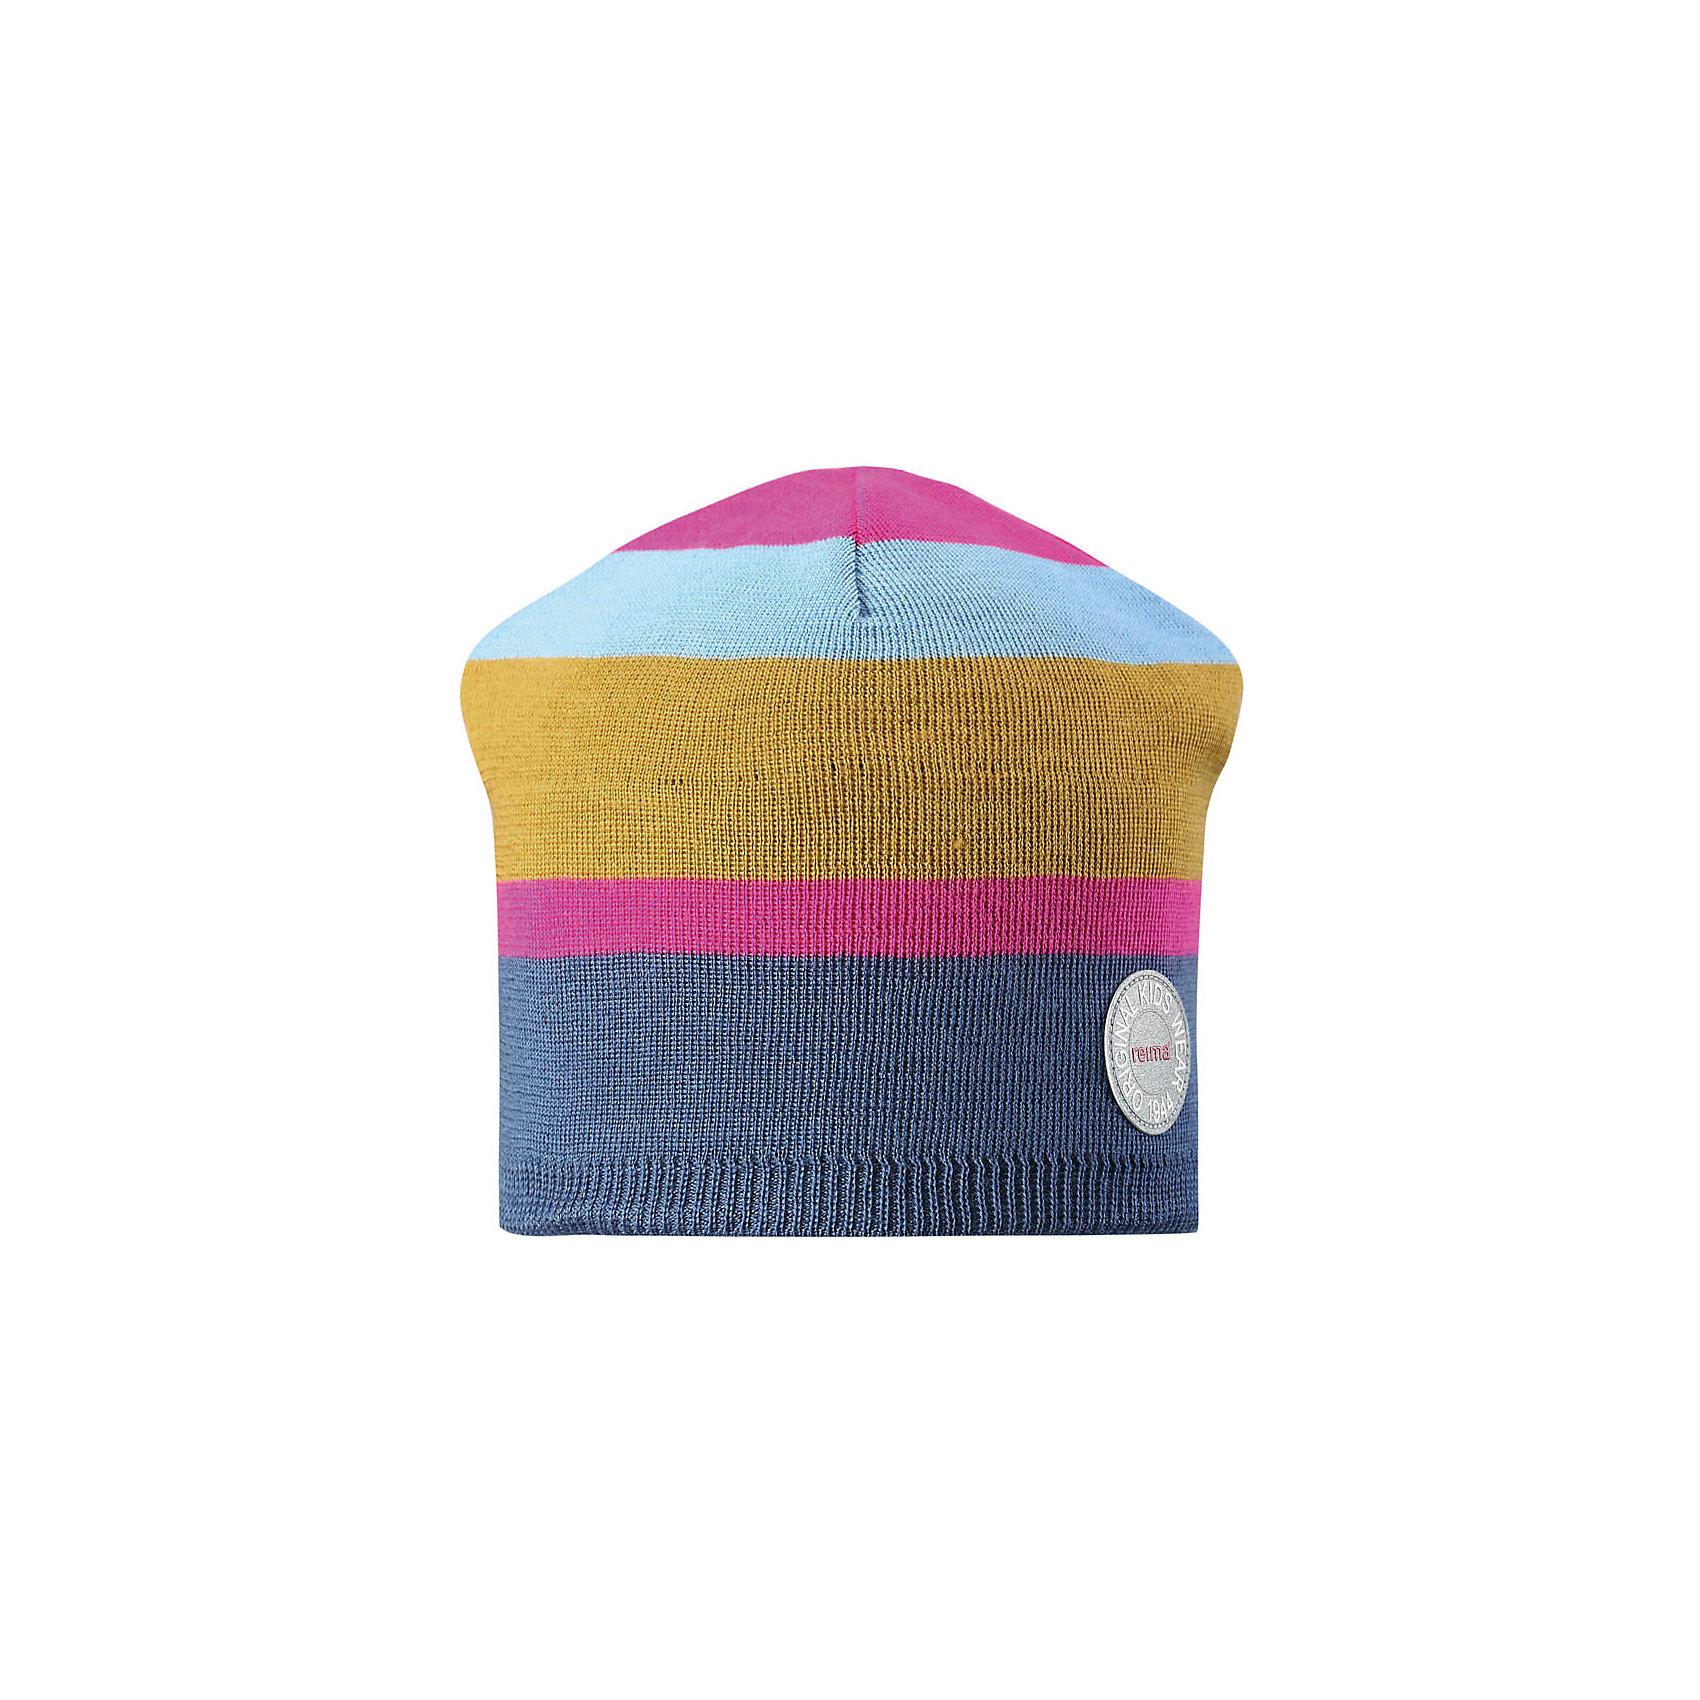 Шапка Reima NebulaГоловные уборы<br>Характеристики товара:<br><br>• цвет: синий/розовый;<br>• состав: 50% шерсть, 50% полиакрил;<br>• сезон: зима;<br>• температурный режим: от +5 до -10С;<br>• шерсть идеально поддерживает температуру;<br>• мягкая и теплая ткань из смеси шерсти;<br>• ветронепроницаемые вставки в области ушей;<br>• частичная подкладка;<br>• логотип Reima® спереди;<br>• страна бренда: Финляндия;<br>• страна изготовитель: Китай.<br><br>Детская шапка из теплого шерстяного трикотажа. Материал превосходно регулирует температуру и хорошо согревает голову. Ветронепроницаемые вставки и полуподкладка из мягкого и дышащего вязаного хлопка. Сплошная жаккардовая узорная вязка. Теплый, удобный, эластичный материал.<br><br>Шапку Nebula Reima от финского бренда Reima (Рейма) можно купить в нашем интернет-магазине.<br><br>Ширина мм: 89<br>Глубина мм: 117<br>Высота мм: 44<br>Вес г: 155<br>Цвет: розовый<br>Возраст от месяцев: 84<br>Возраст до месяцев: 144<br>Пол: Унисекс<br>Возраст: Детский<br>Размер: 56,50,52,54<br>SKU: 6902500